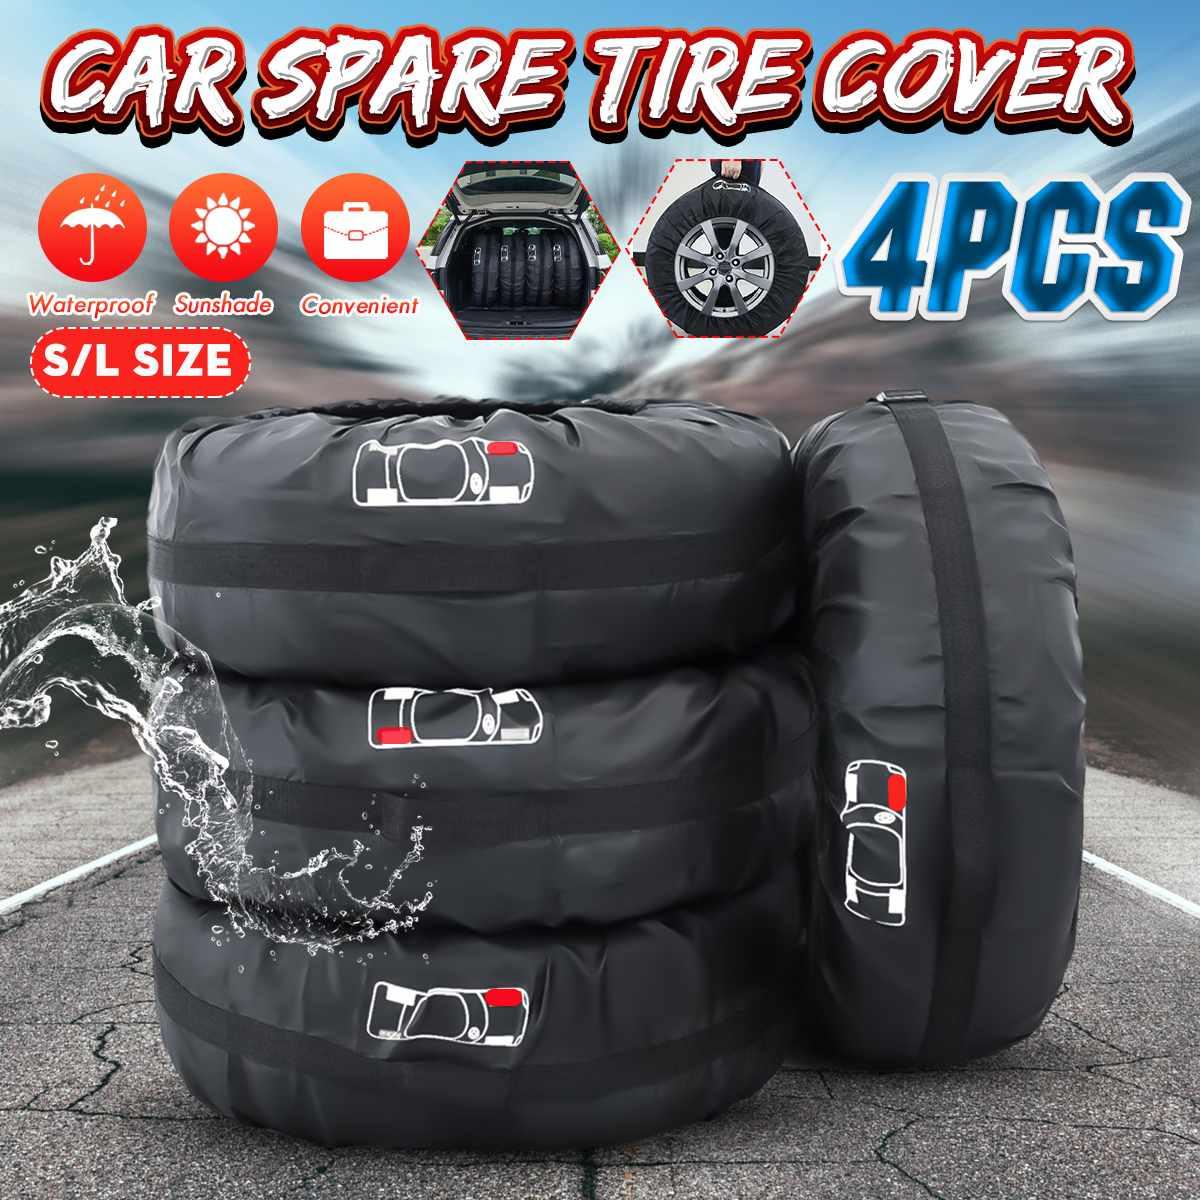 Universal 4 Uds S/L Cubierta de neumático de repuesto de coche funda de poliéster neumáticos bolsa de almacenamiento portador de neumático automático Protector de rueda a prueba de polvo impermeable